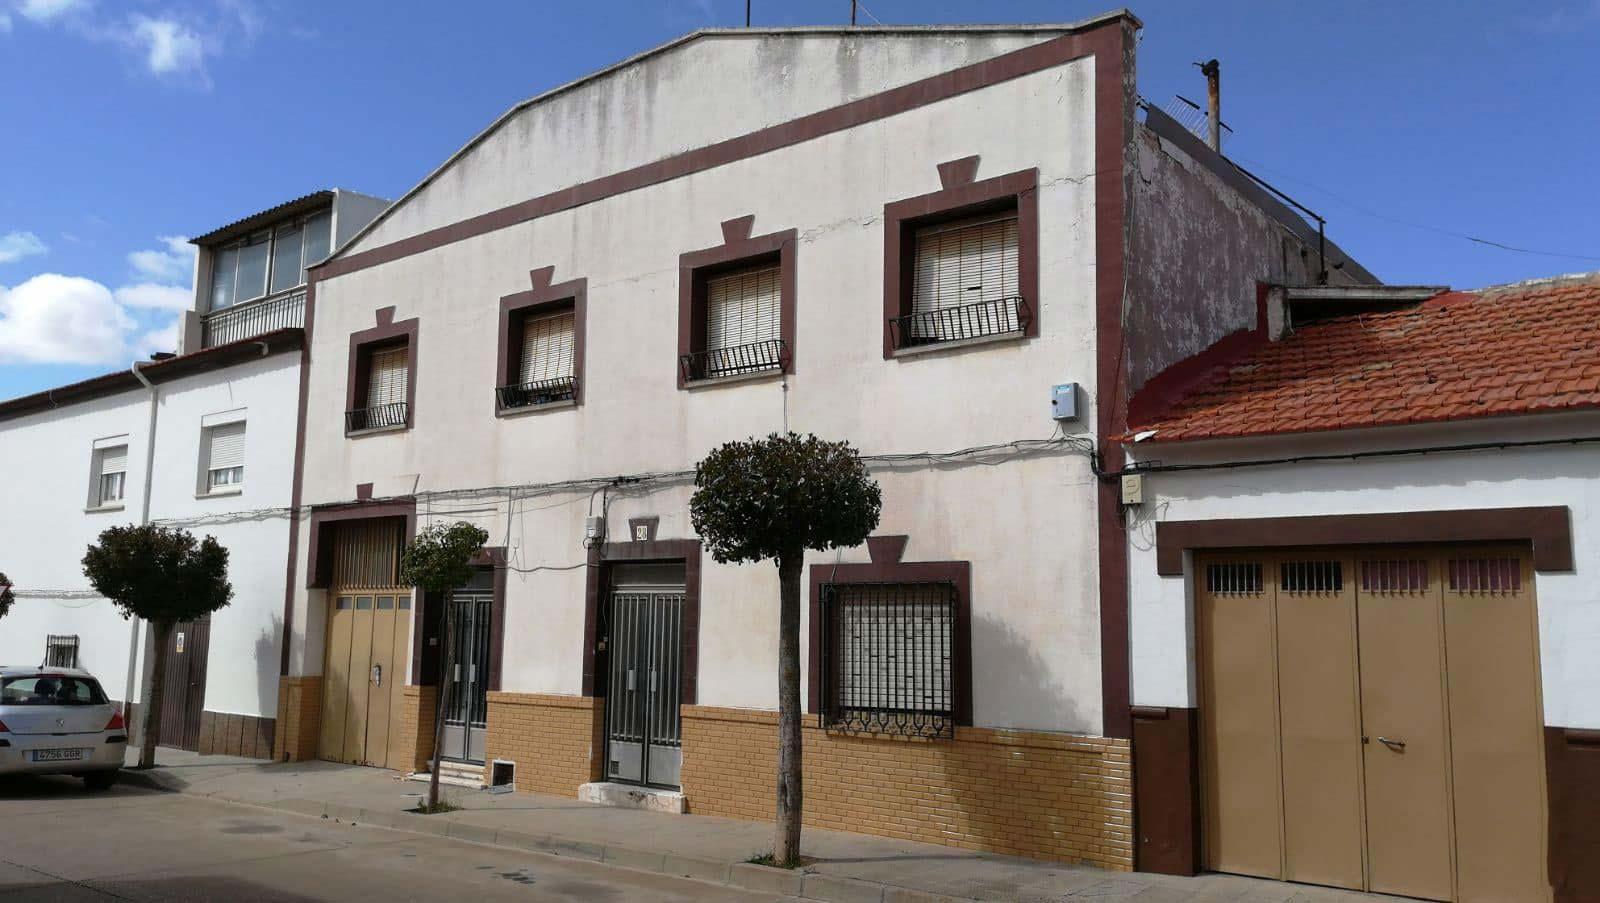 Piso en venta en Campo de Criptana, Ciudad Real, Calle Republica de Chile, 98.000 €, 6 habitaciones, 2 baños, 260 m2